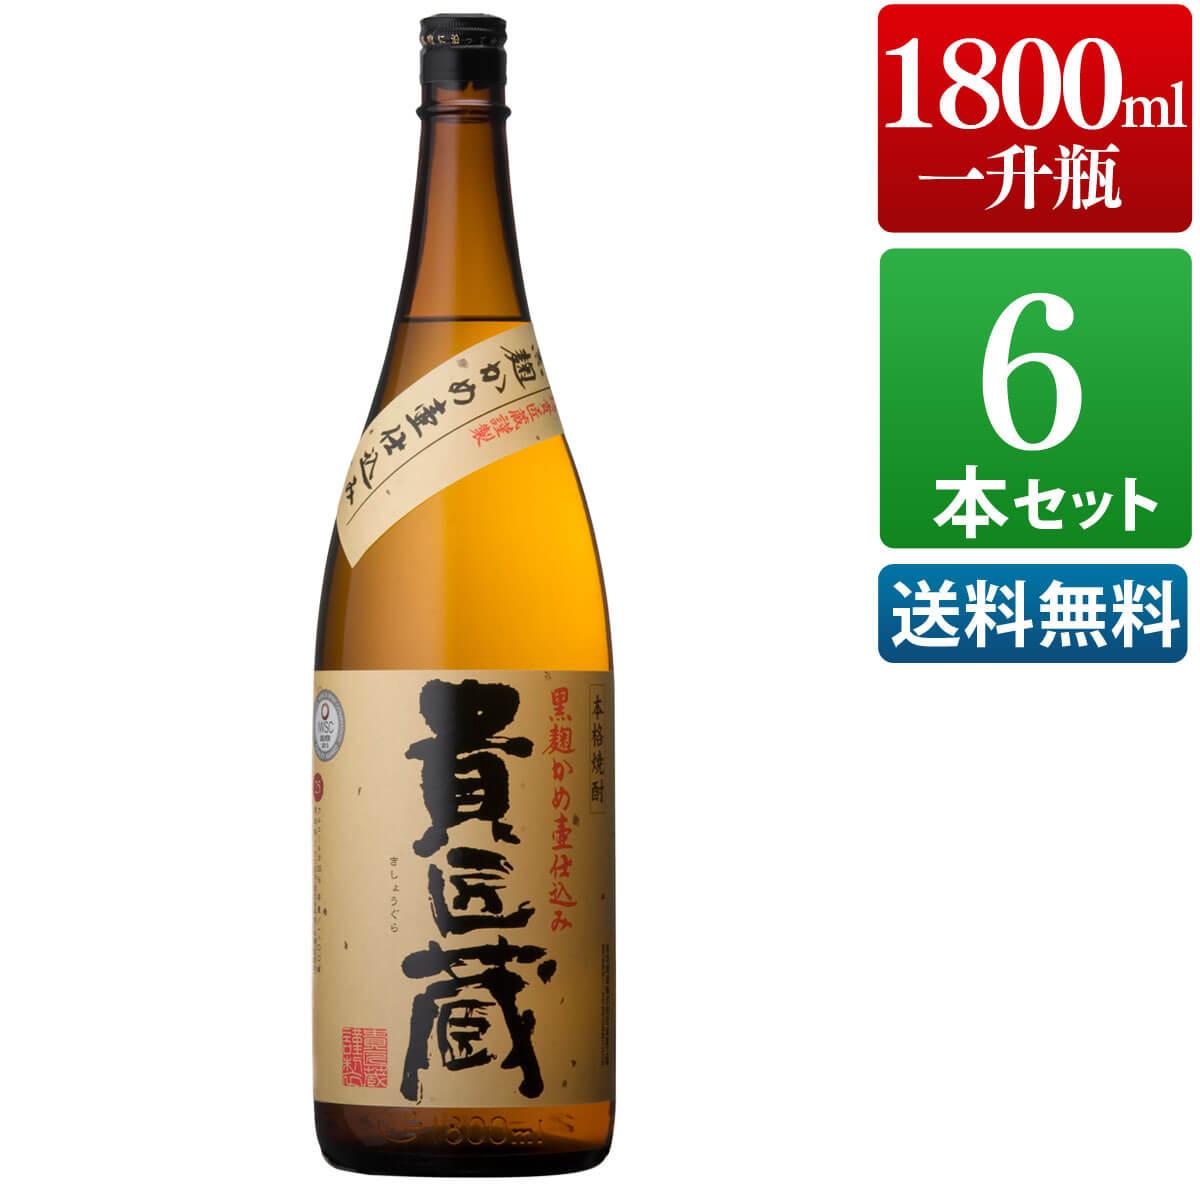 芋焼酎 6本セット 貴匠蔵 25度 1800ml [ 本坊酒造 芋焼酎 / SWSC 最優秀金賞 / 送料無料 ]